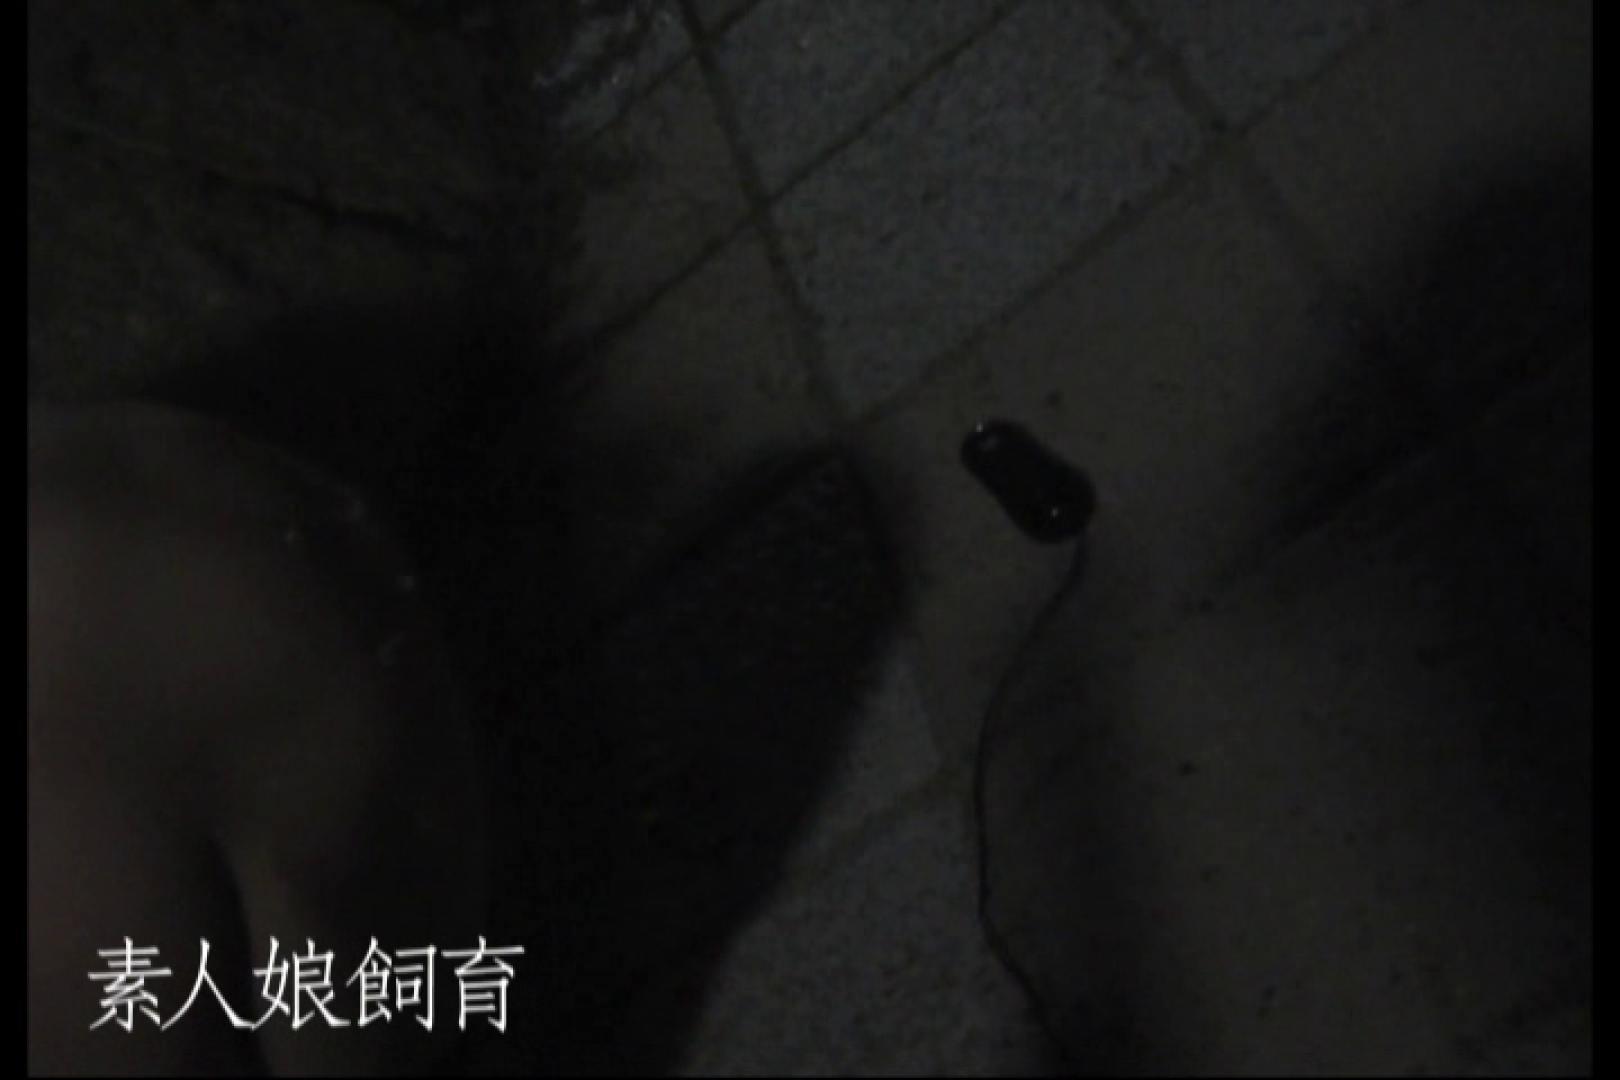 素人娘飼育~お前の餌は他人棒~公園でバイブとお漏らし バイブプレイ 盗み撮り動画 71pic 32